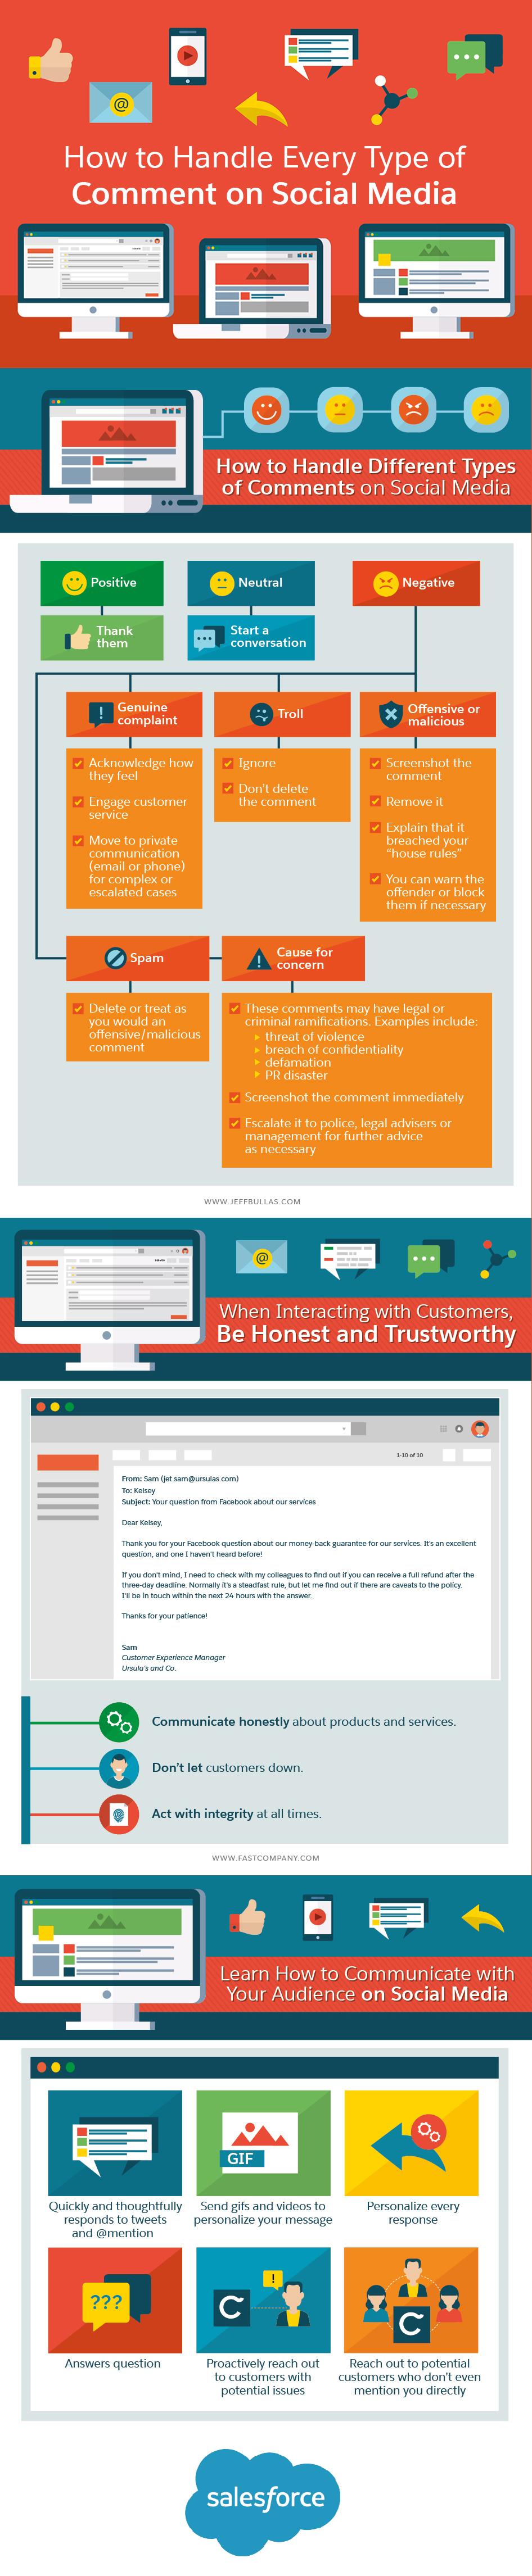 Guía para aprender a manejar los distintos tipos de comentarios en social media